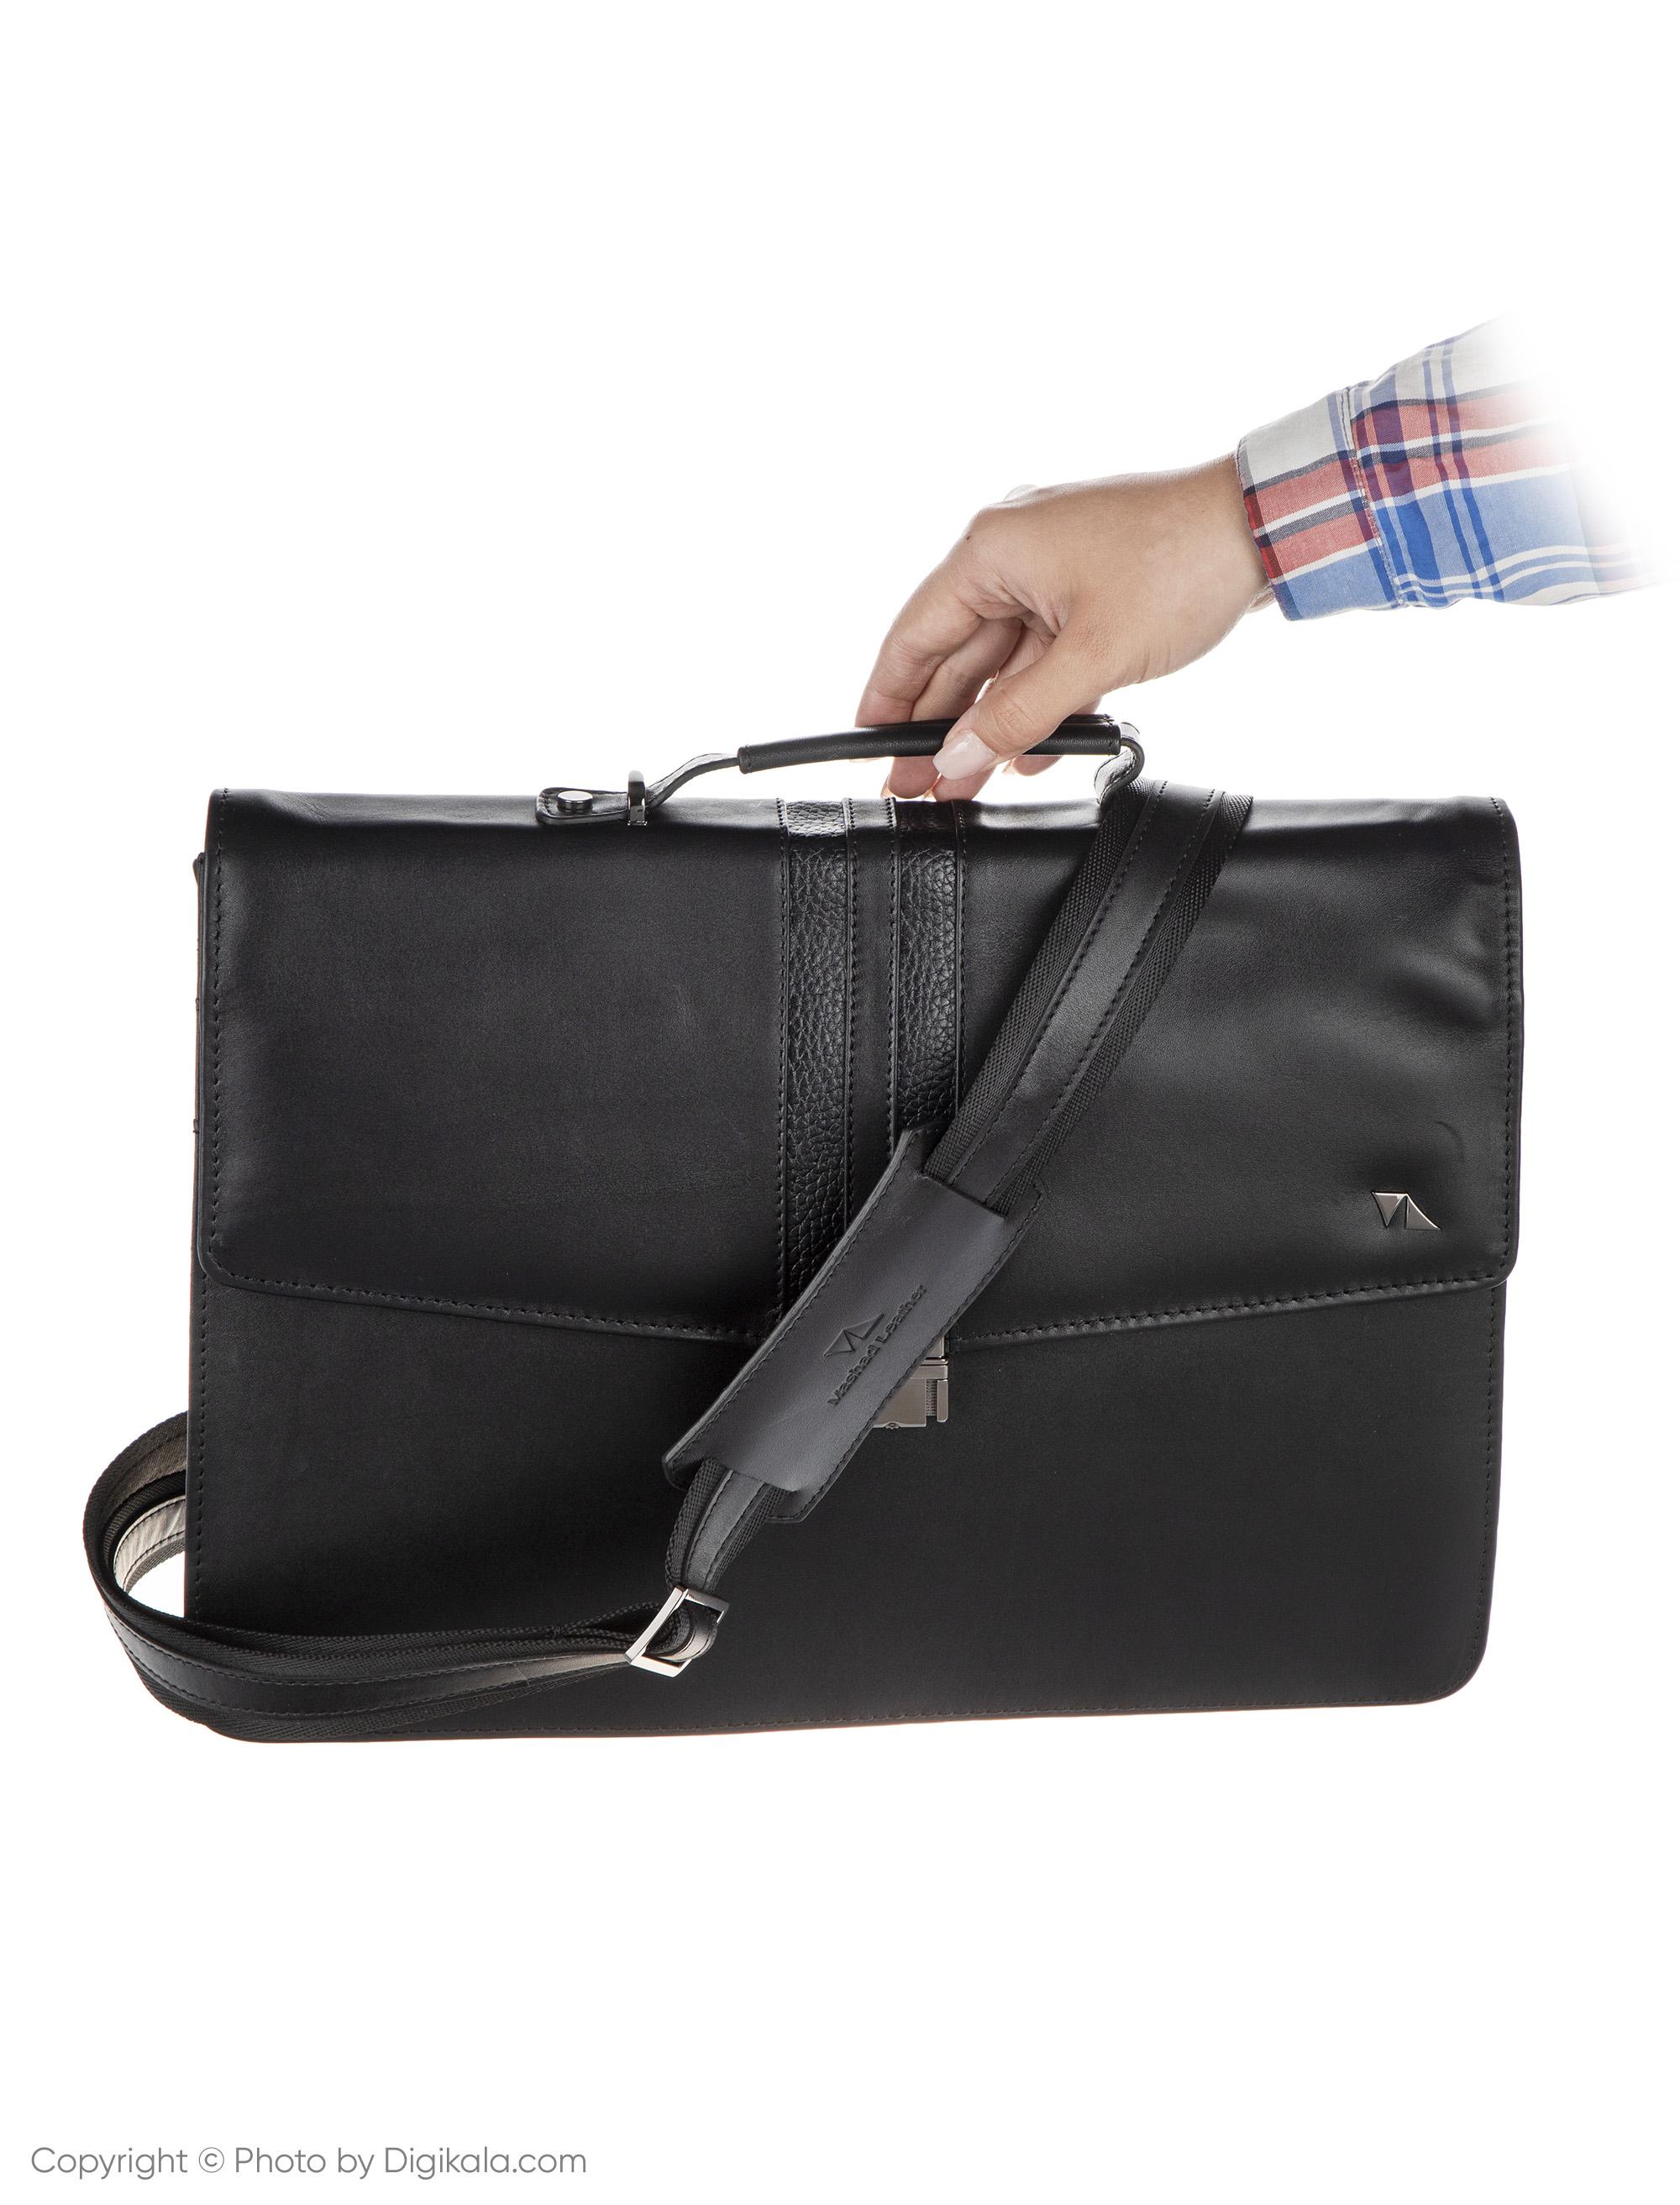 کیف اداری مردانه چرم مشهد مدل A0584-001 -  - 6